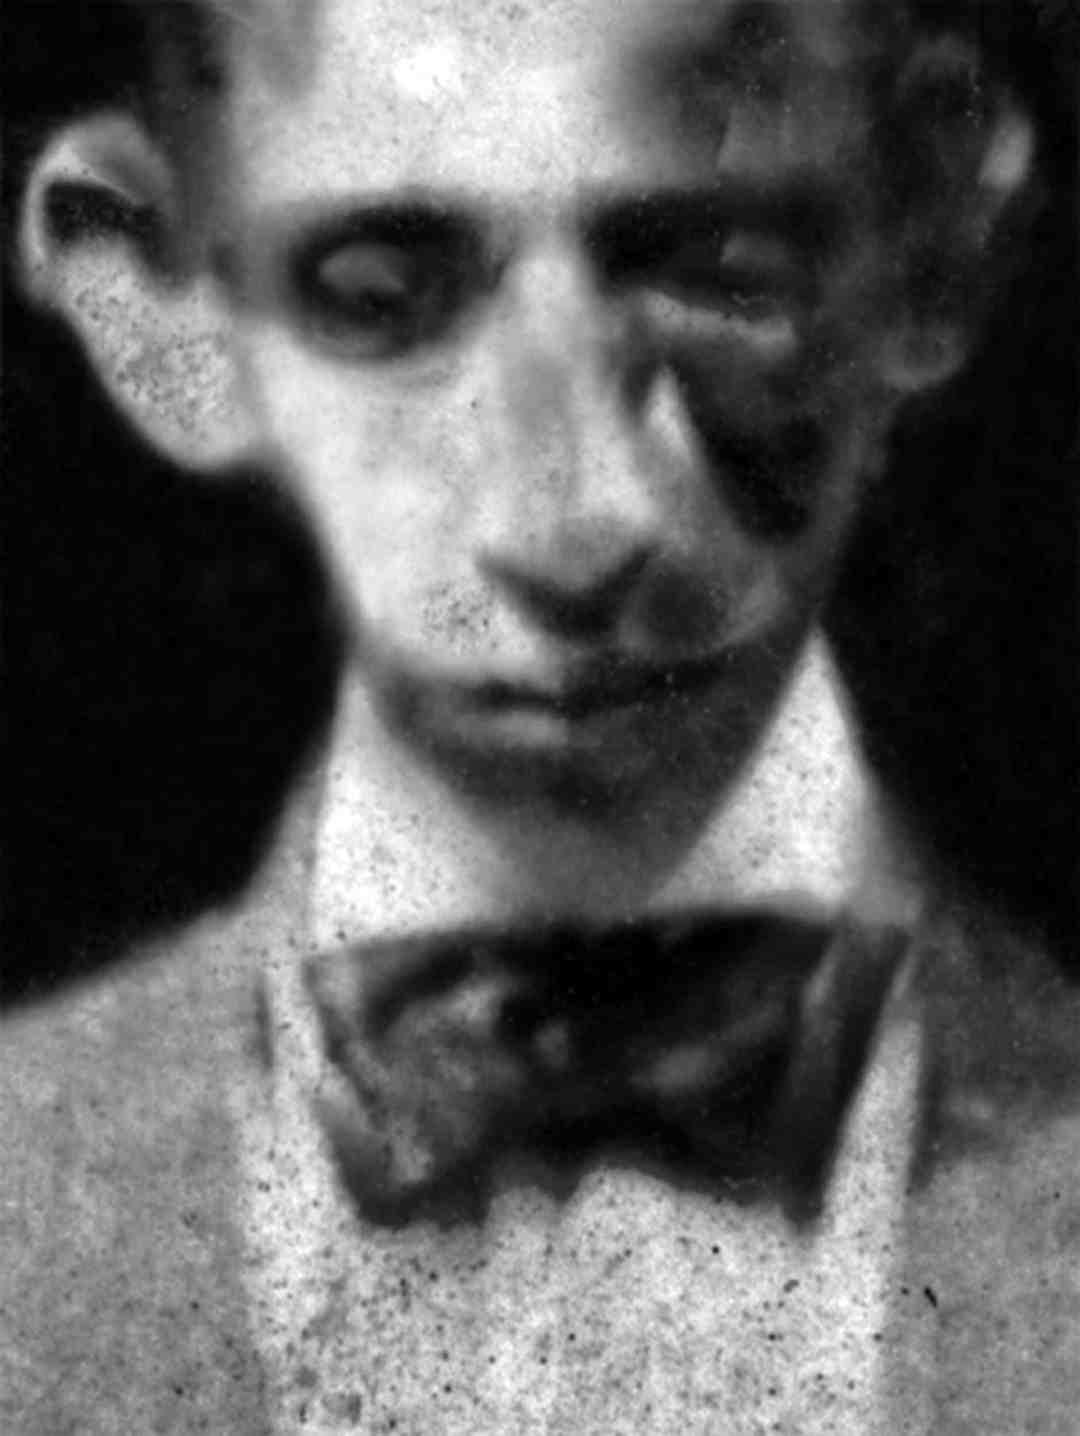 Martijn Doolaard, Le jeune homme perdu, 2016